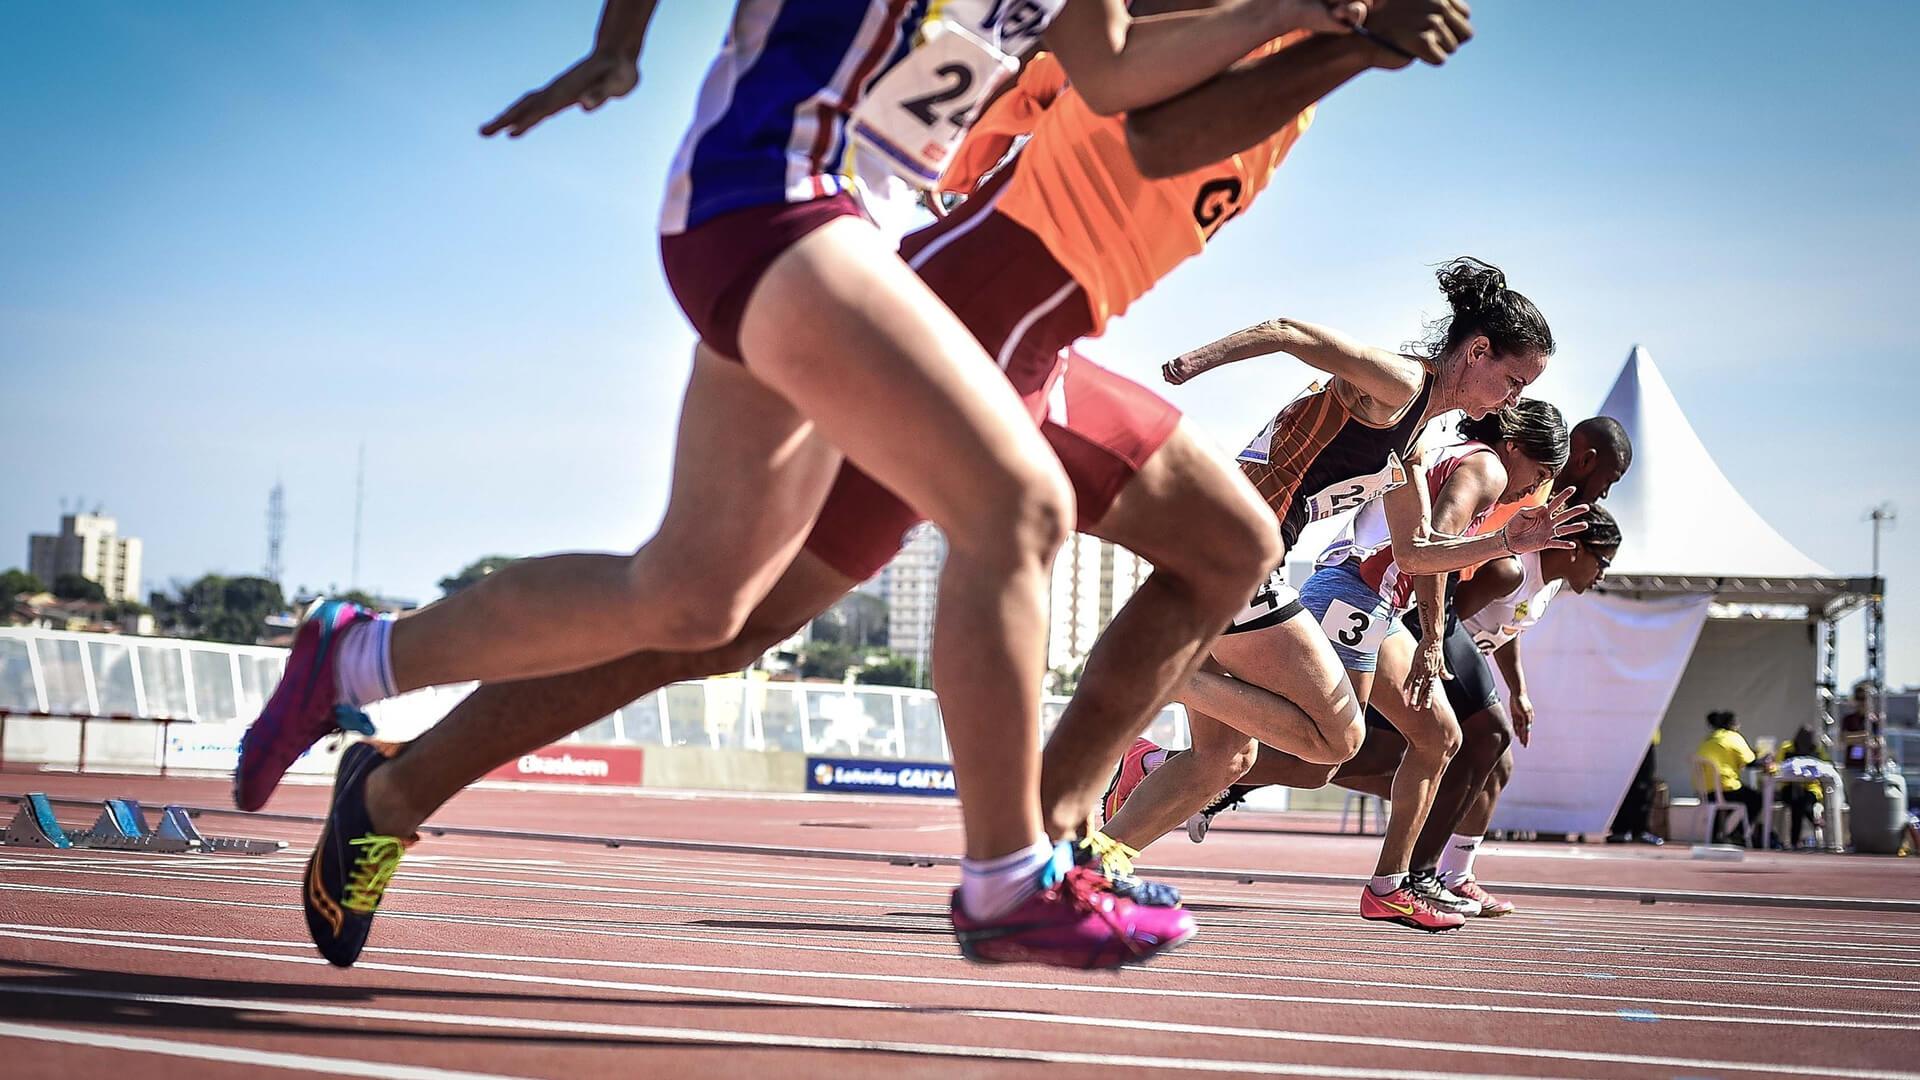 Como correr com eficiência e evitar lesões recorrentes?